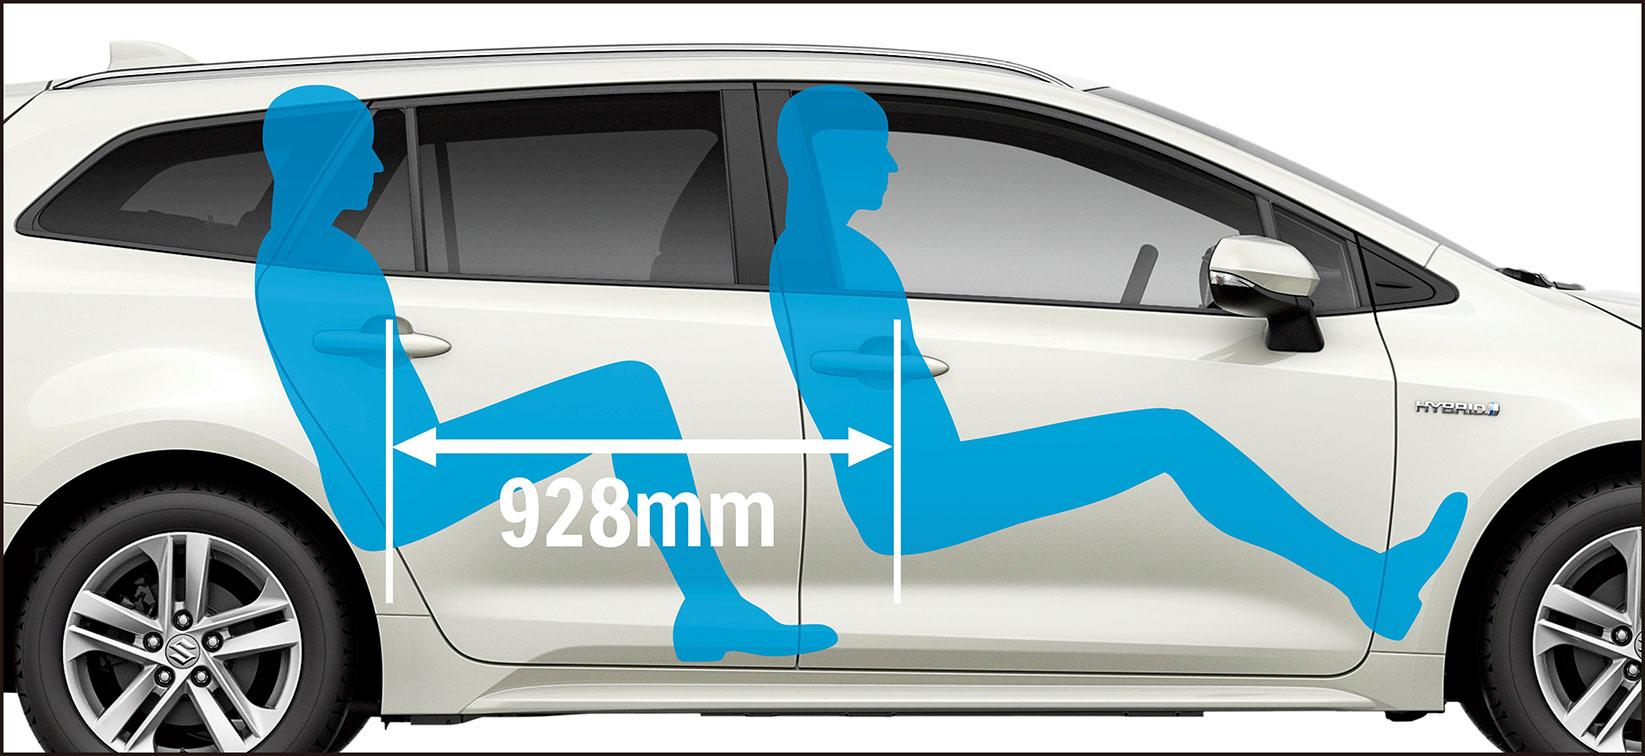 Suzuki Swace 2020 - Comfort